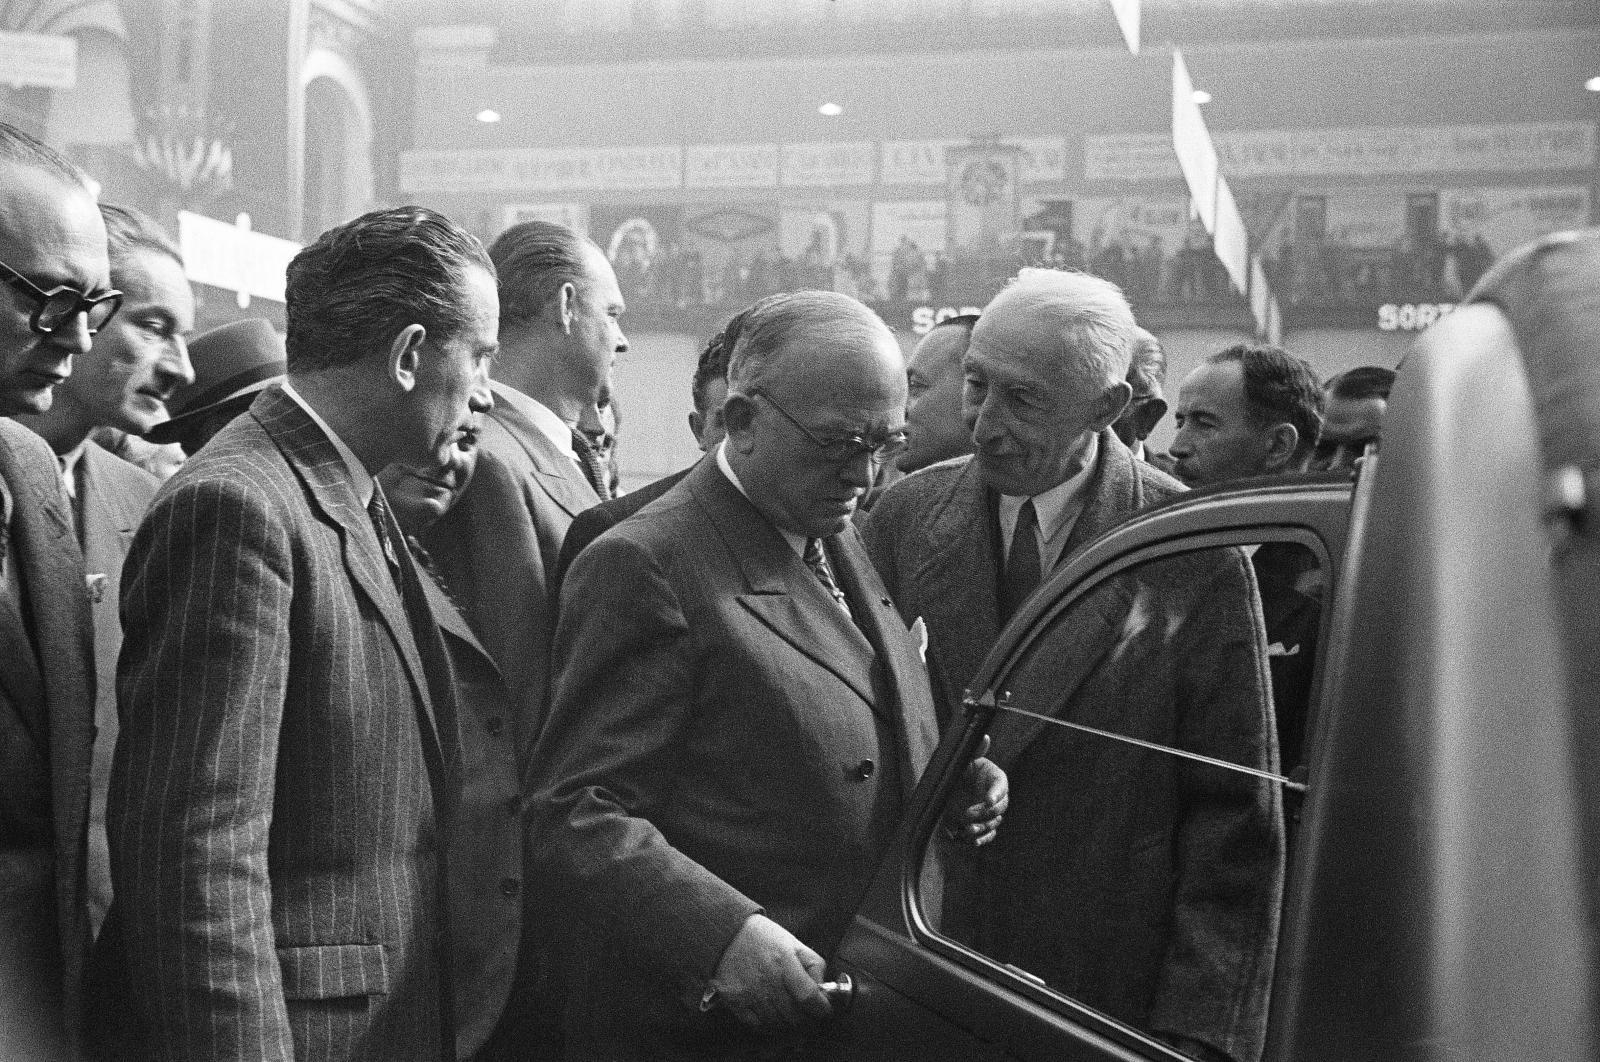 Automobilsalon 1948 - Pierre Boulanger stellt den 2CV vor